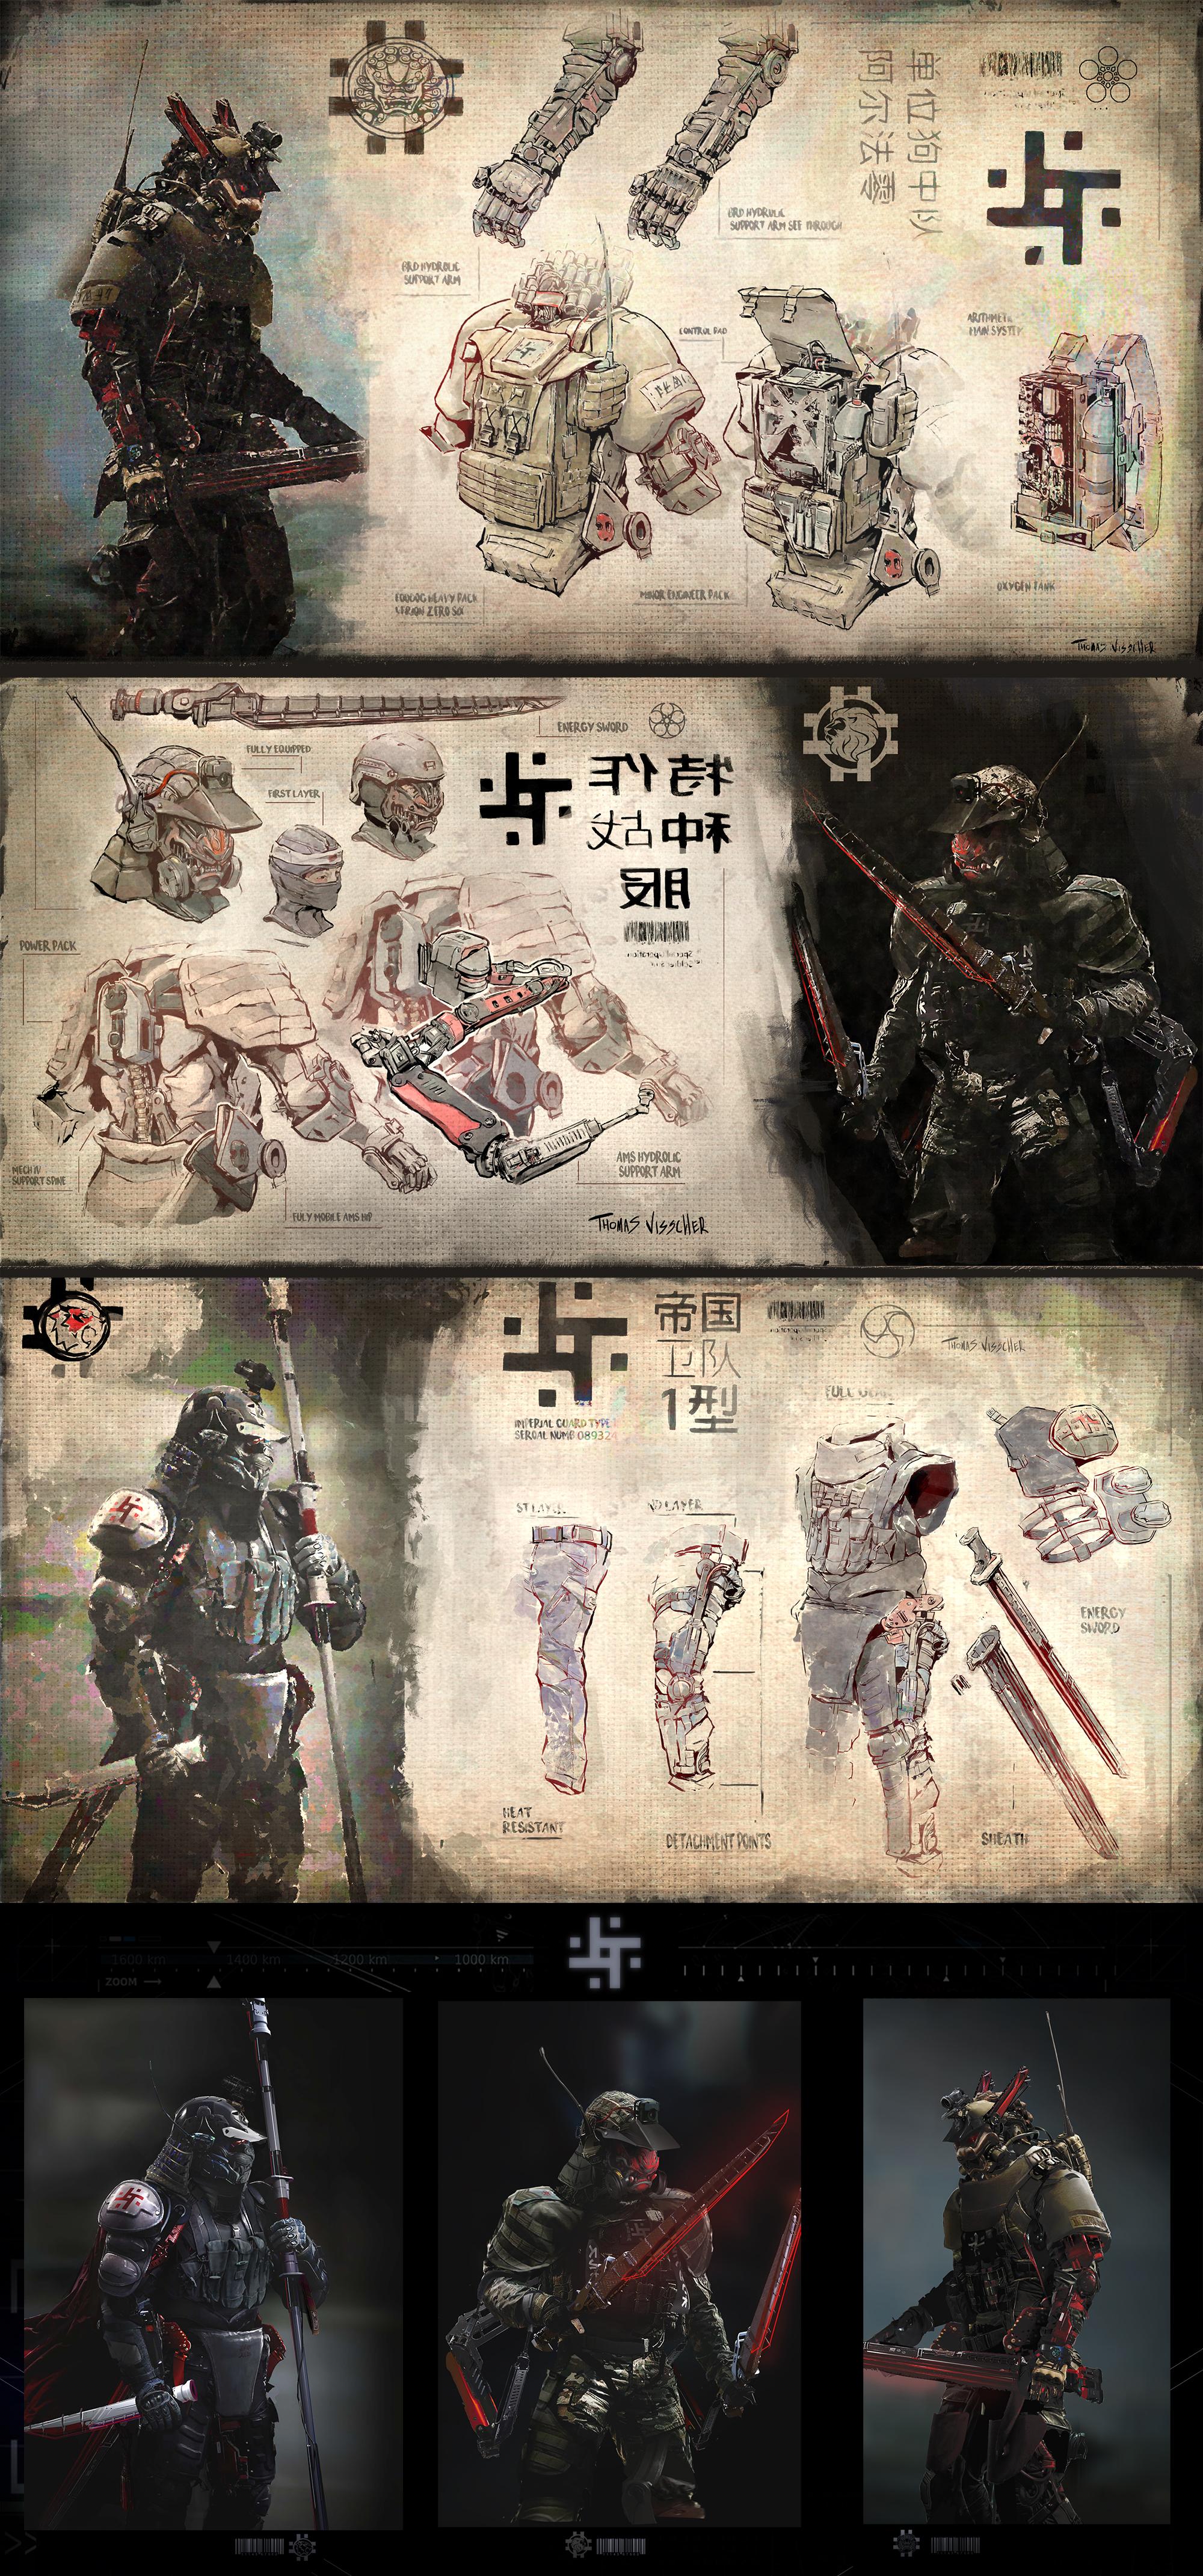 3 Samurai